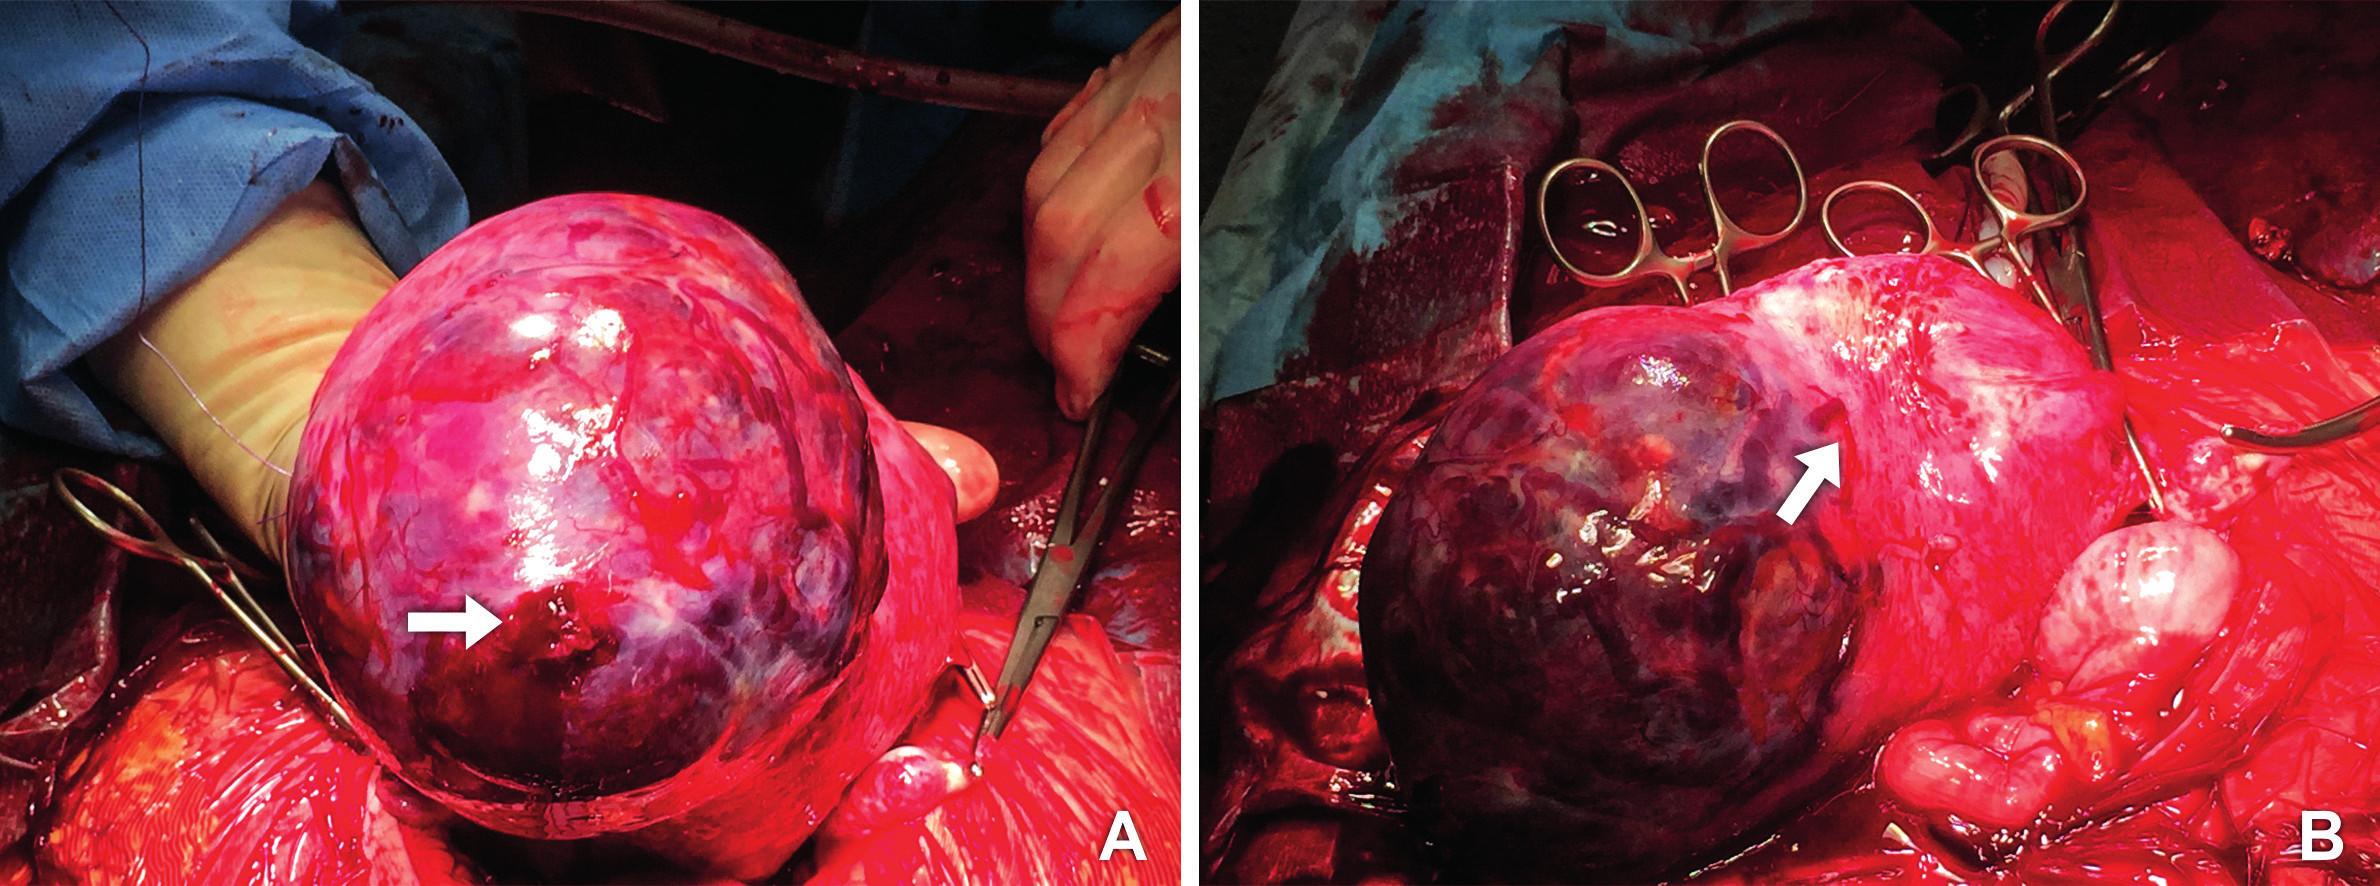 Operační nález A. Placenta percreta prorůstající z levého děložního rohu (šipka ukazuje zdroj krvácení) B. Plošně adherující placenta, která na několika místech prorůstá děložní stěnou